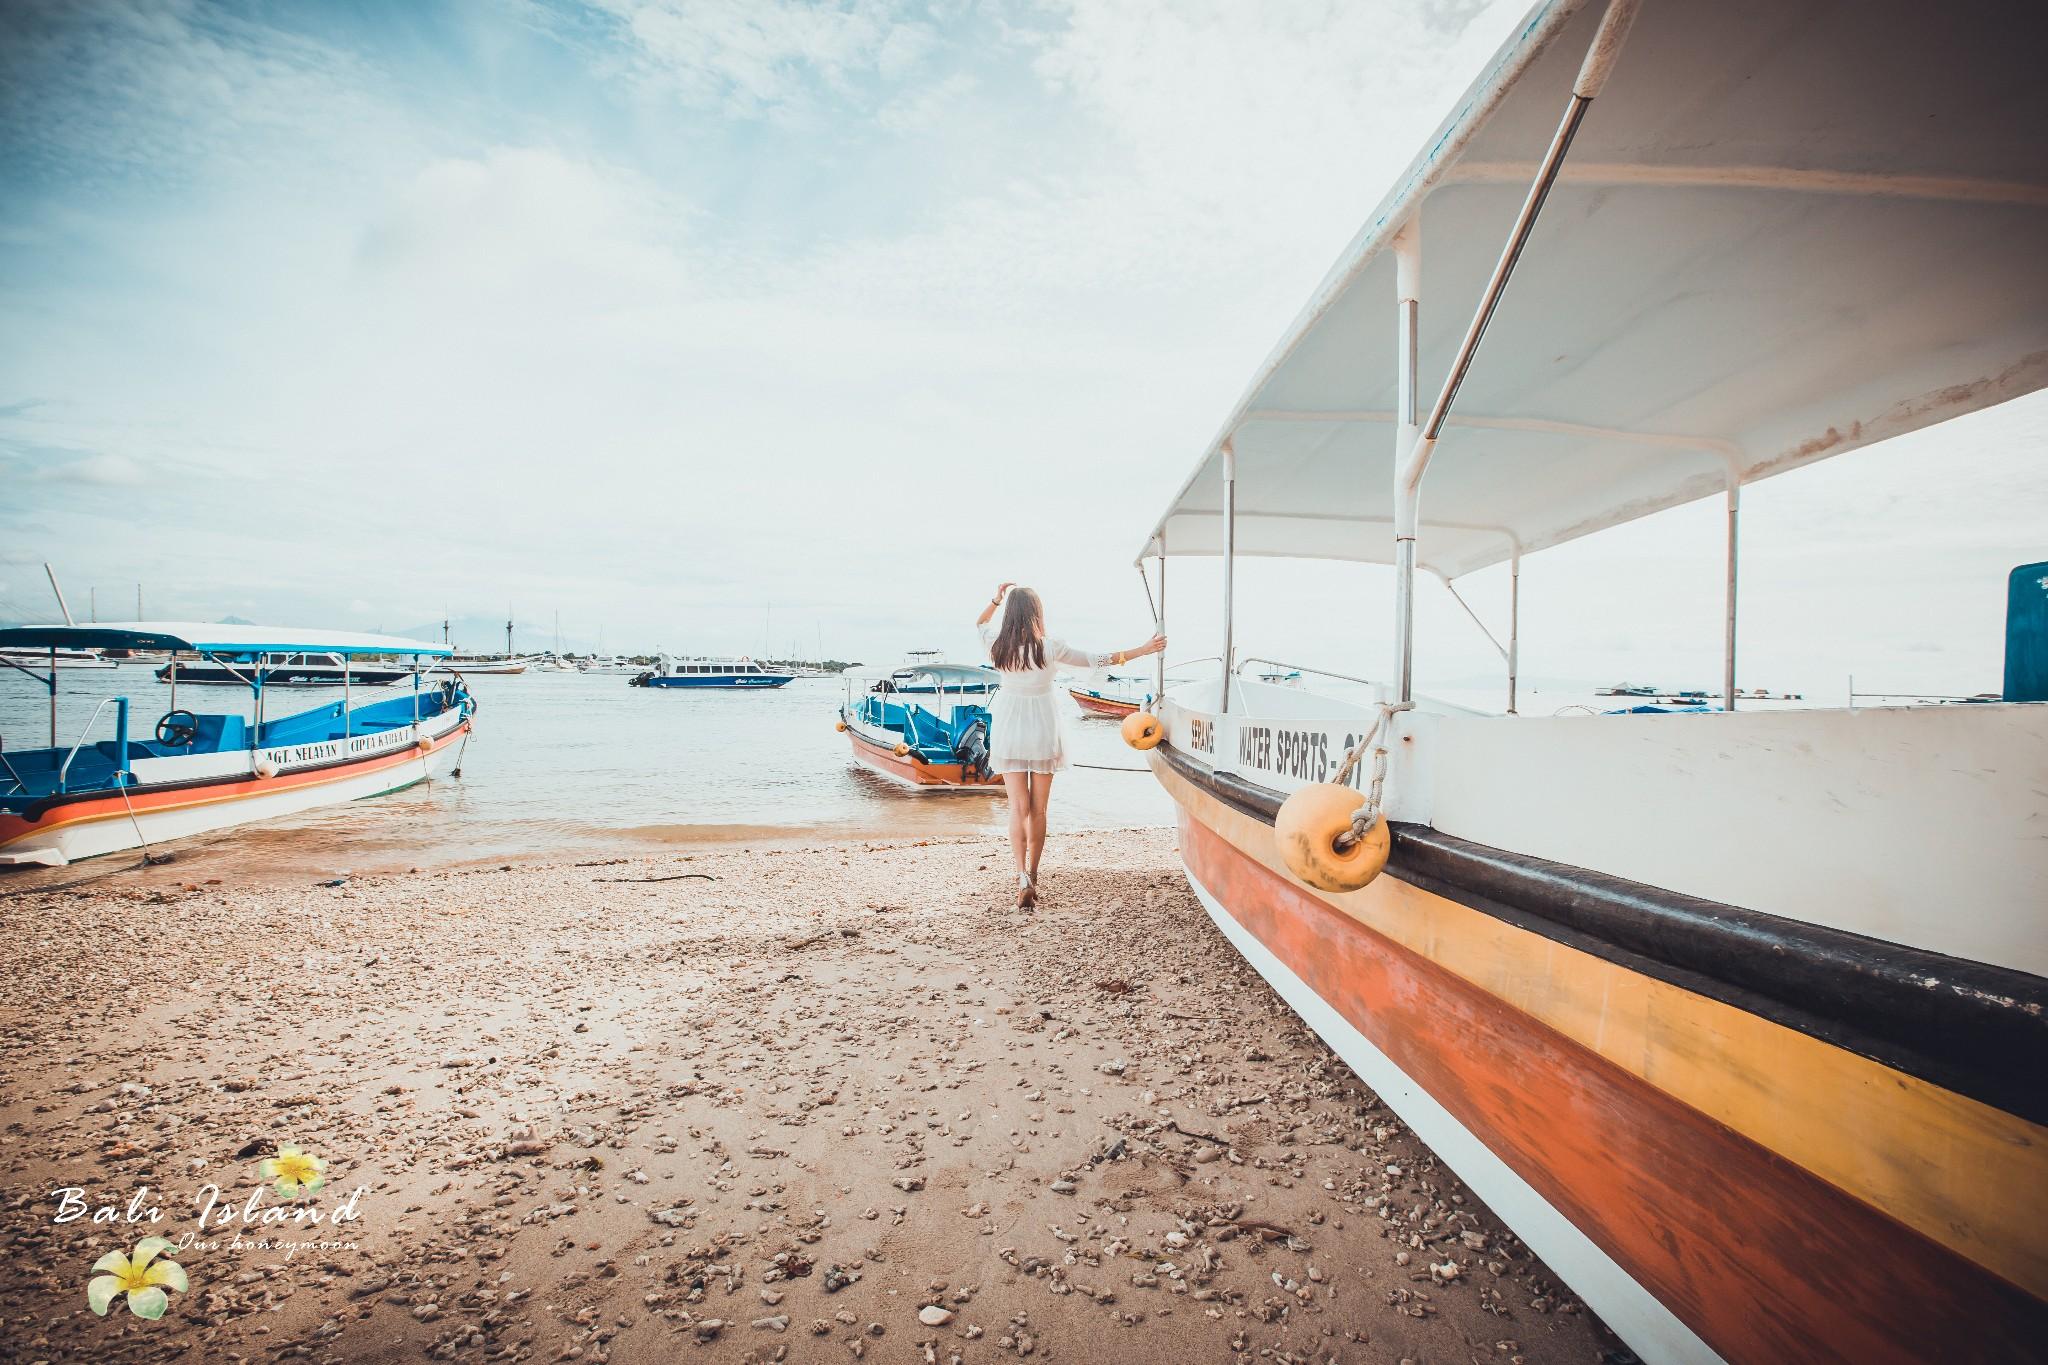 巴厘岛,雨季里的惬意小时光